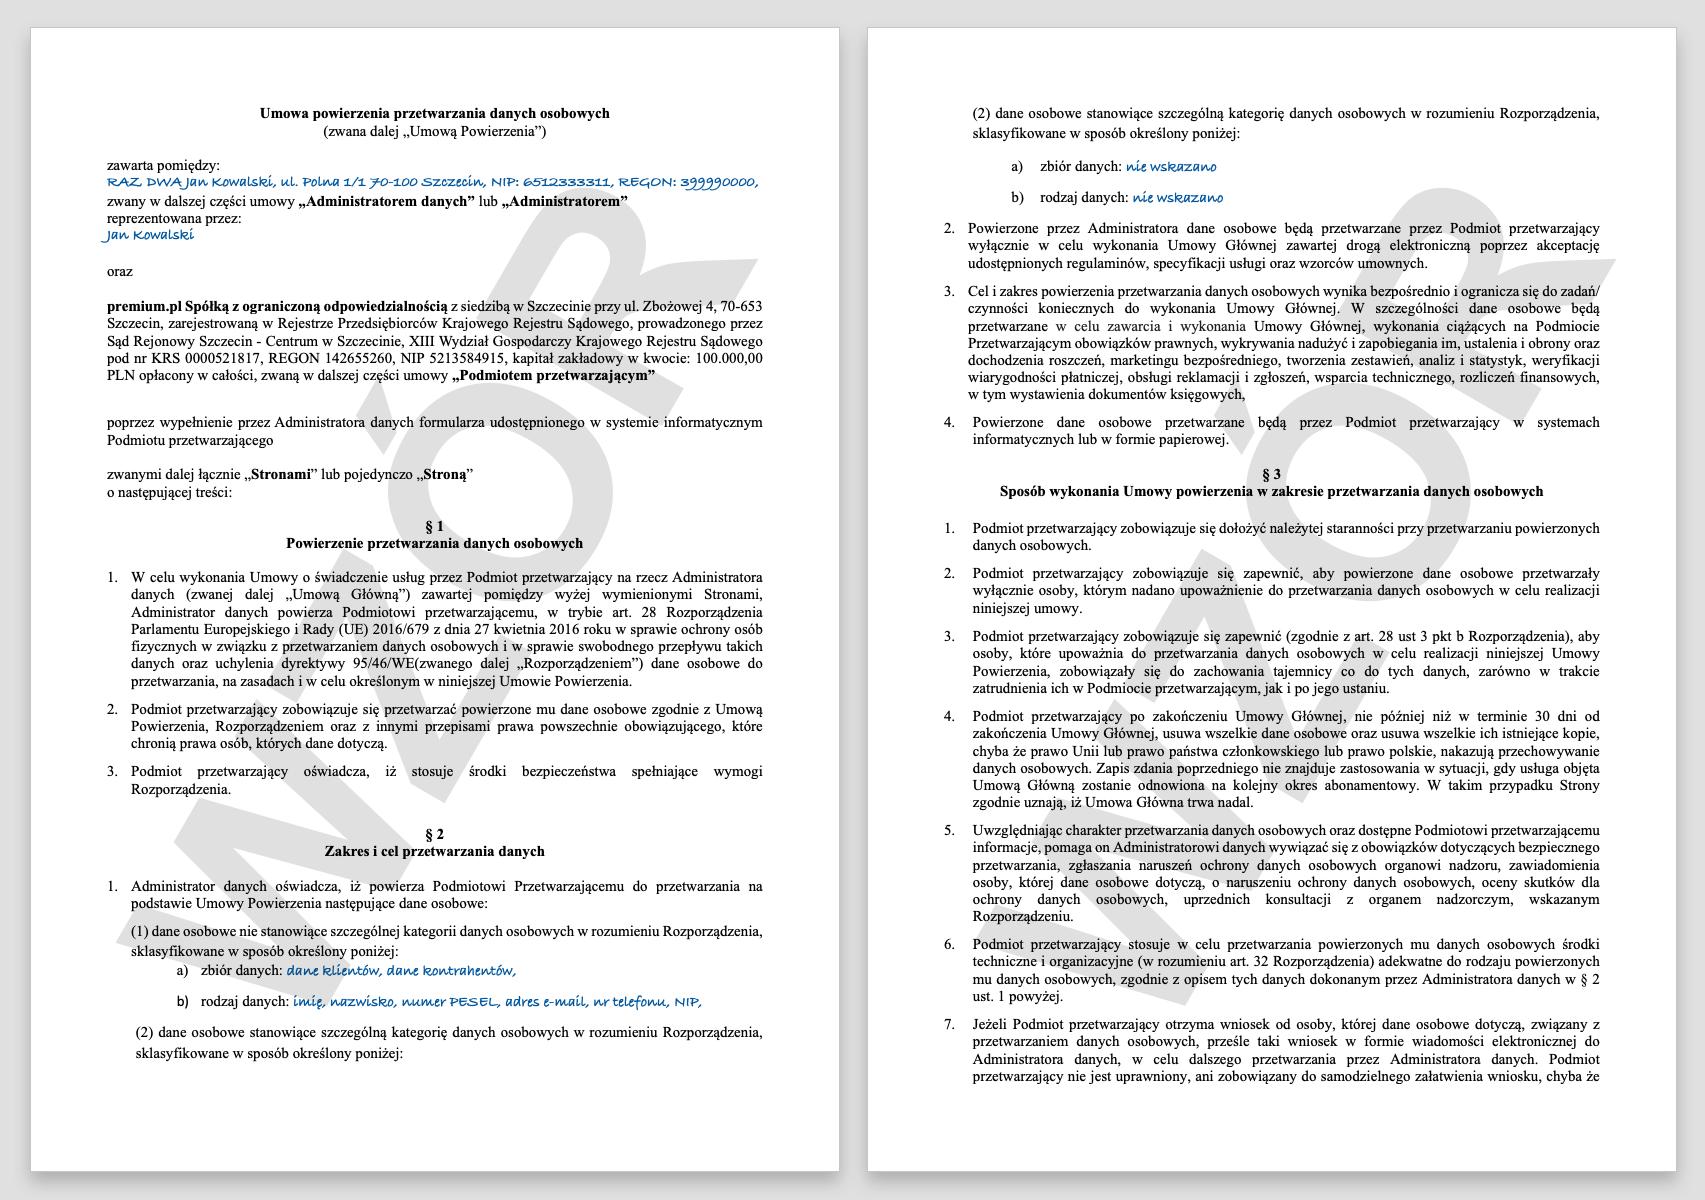 RODO - jak wyglądają przykładowe umowy powierzenia przetwarzania danych w premium.pl.